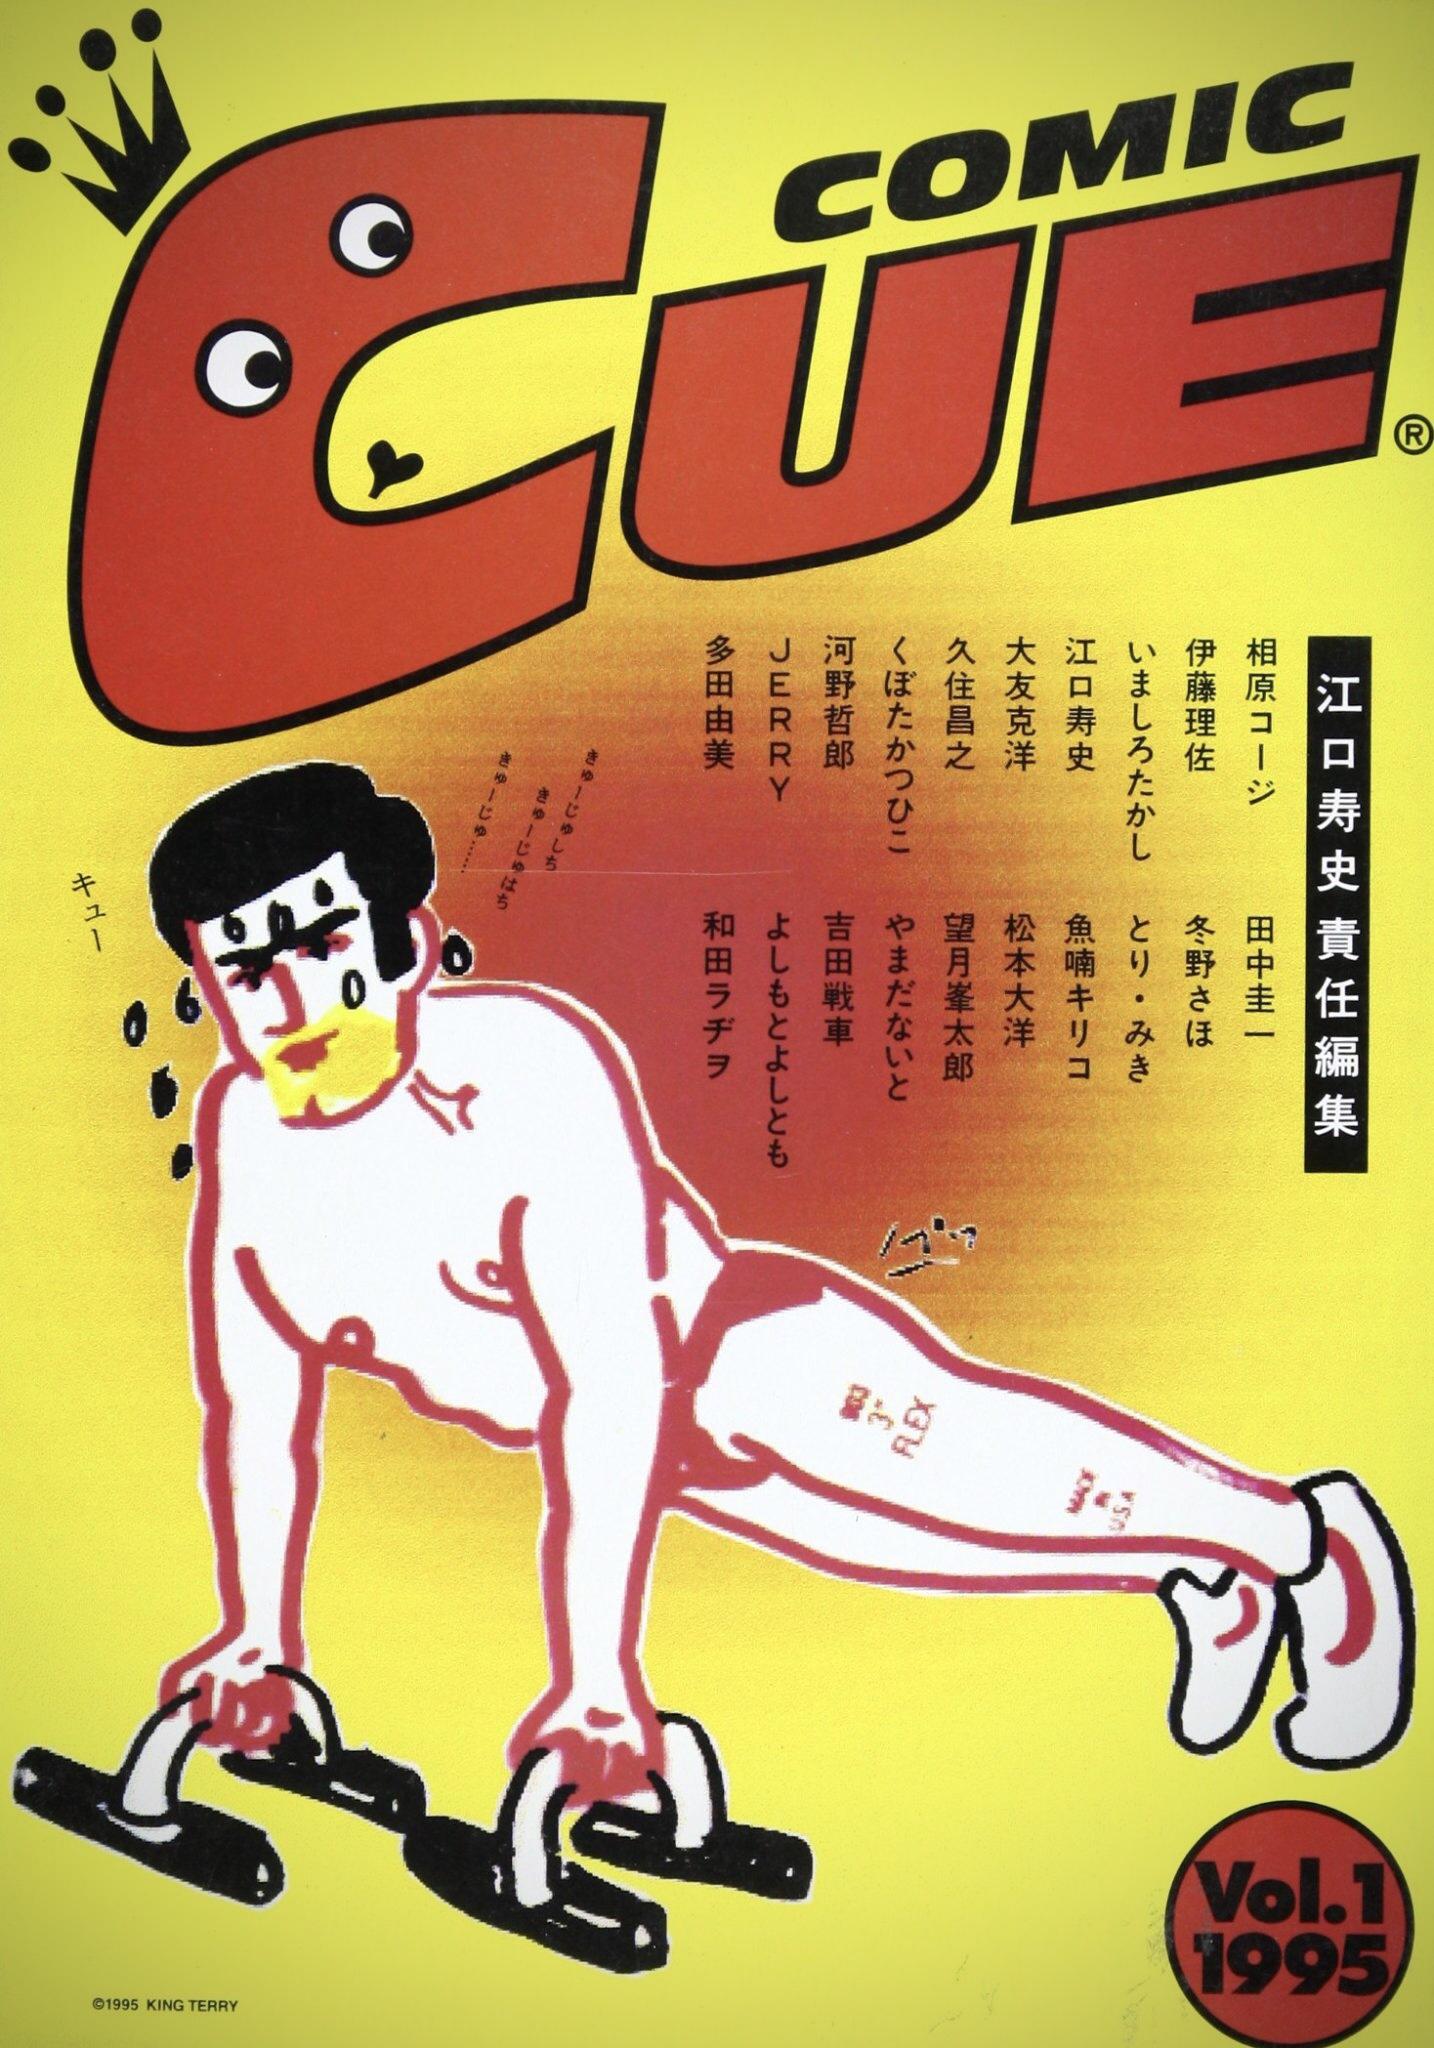 もはや本棚から消えてしまったマンガ。COMIC CUEの話。